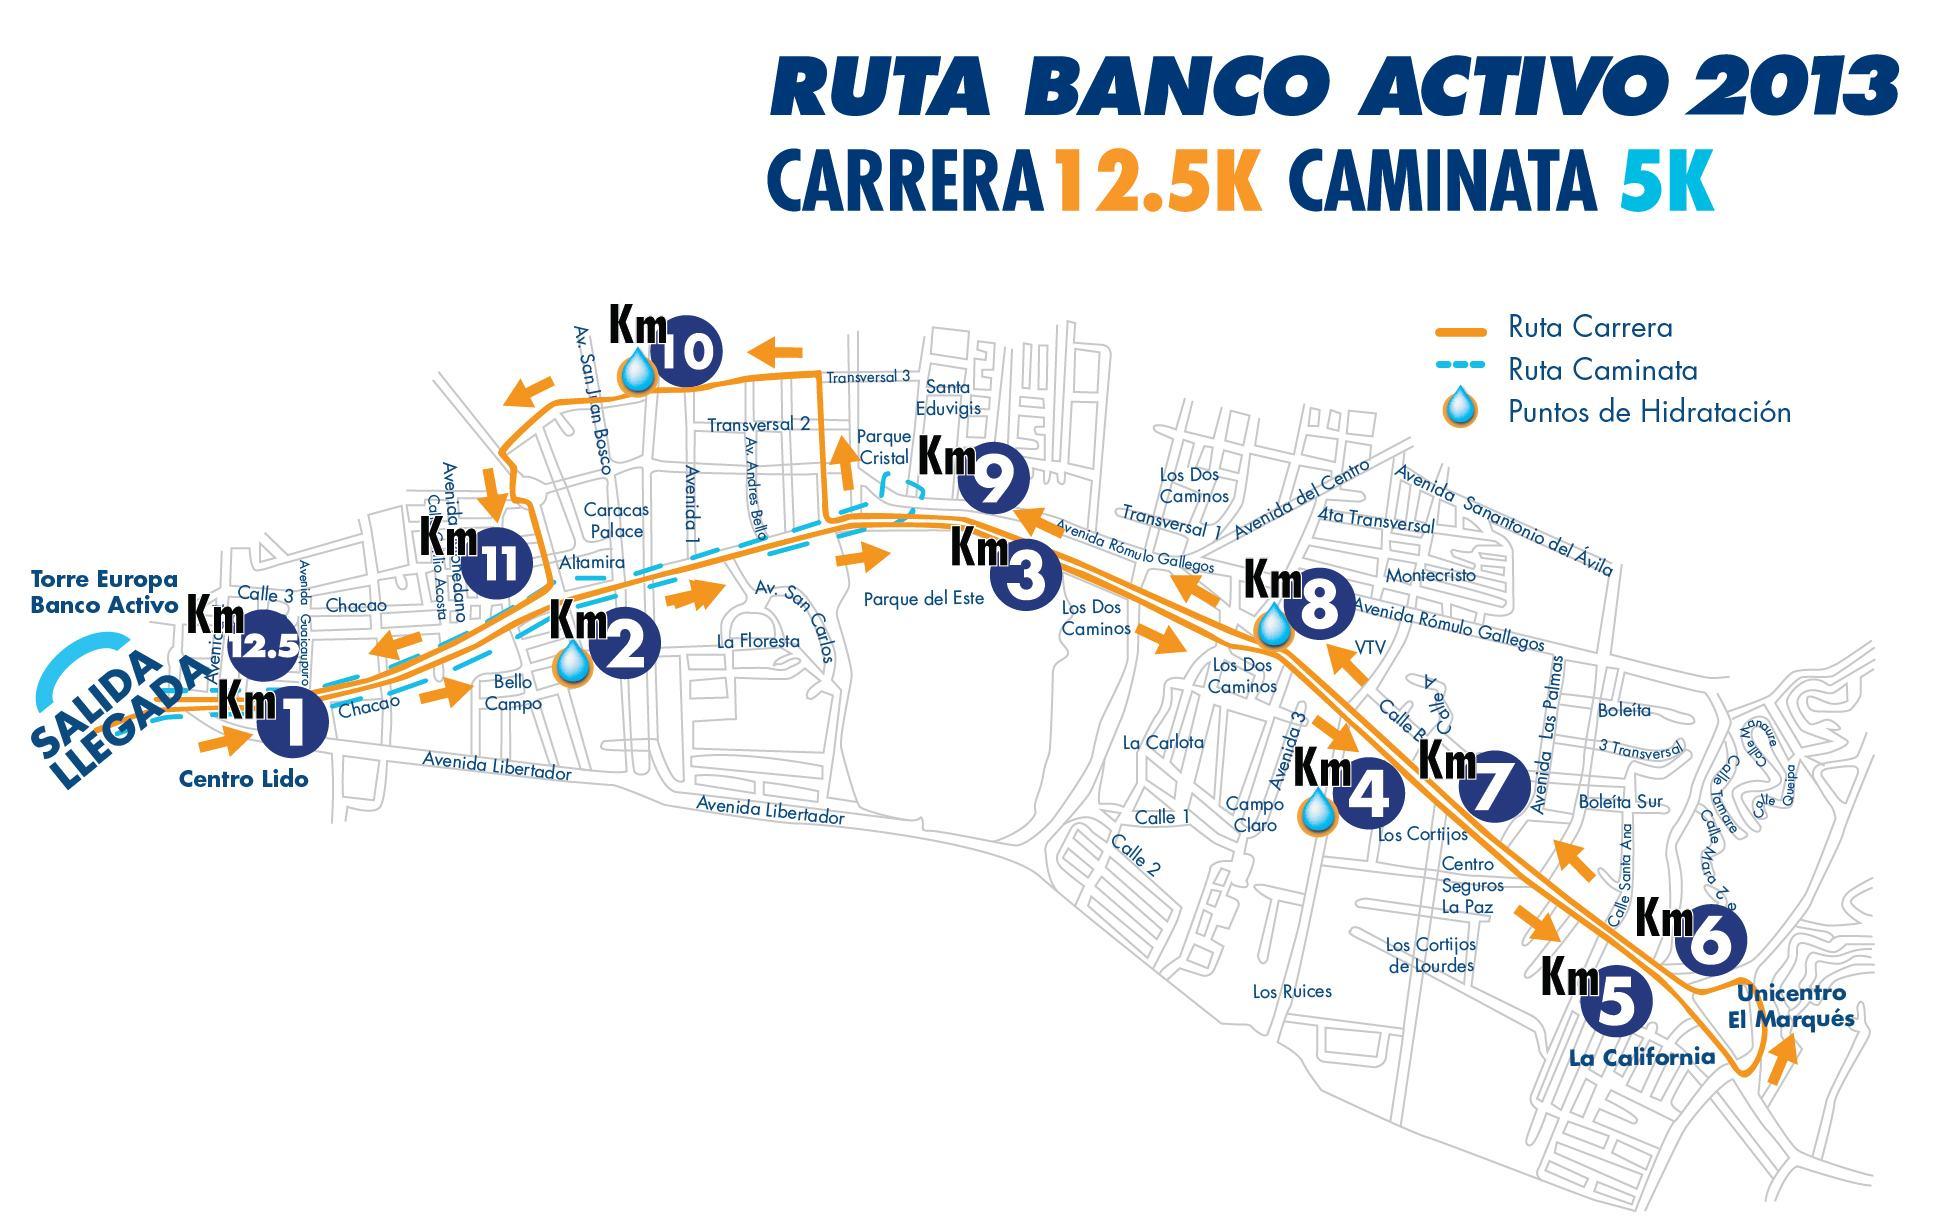 ruta carrera banco activo 2013